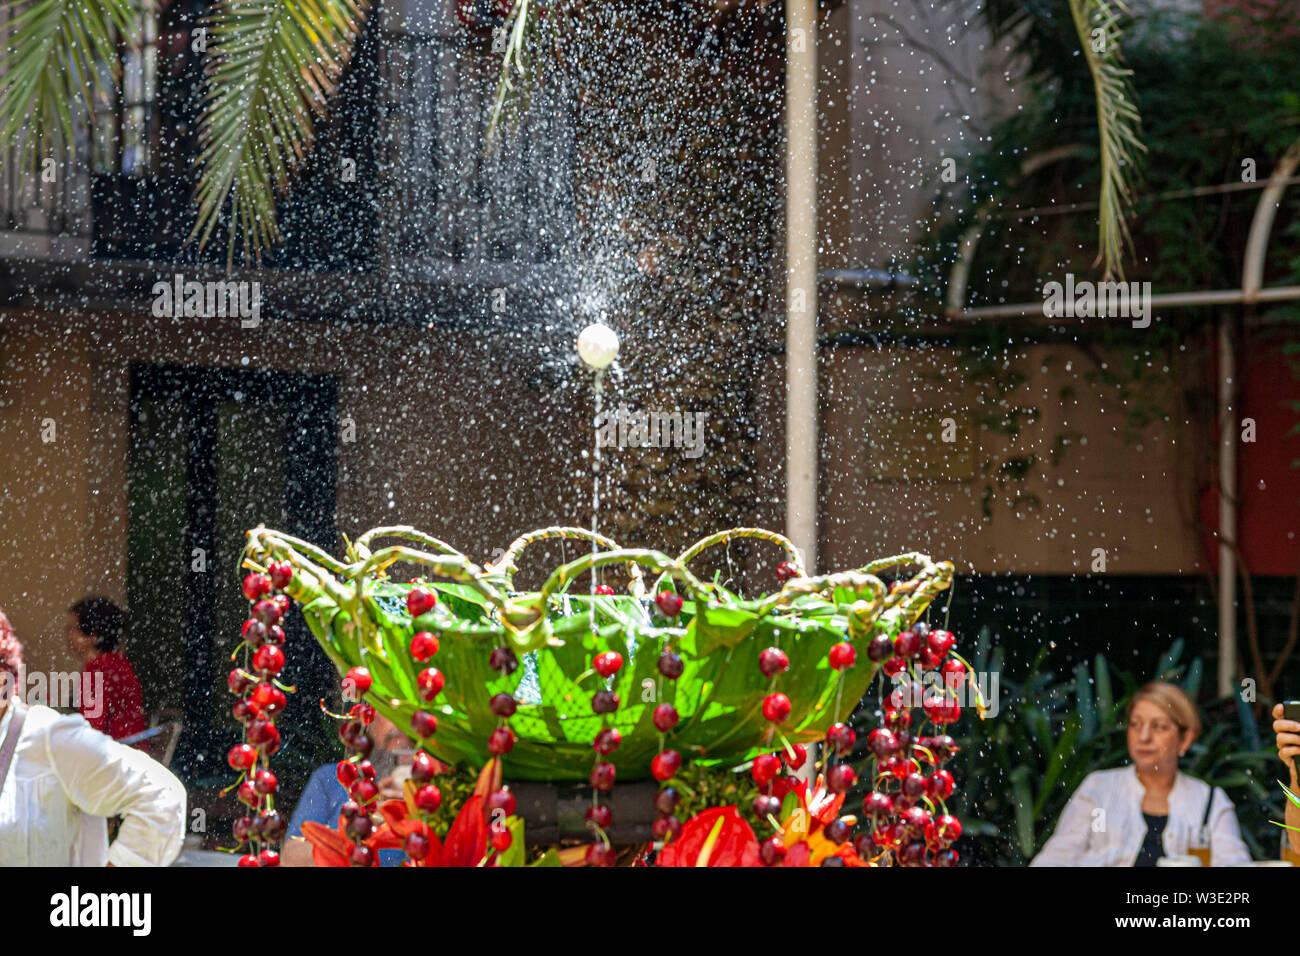 Barcelona, Spain. Interior garden of Ateneu Barcelones. Ou com balla in fountain, Corpus day tradition. - Stock Image